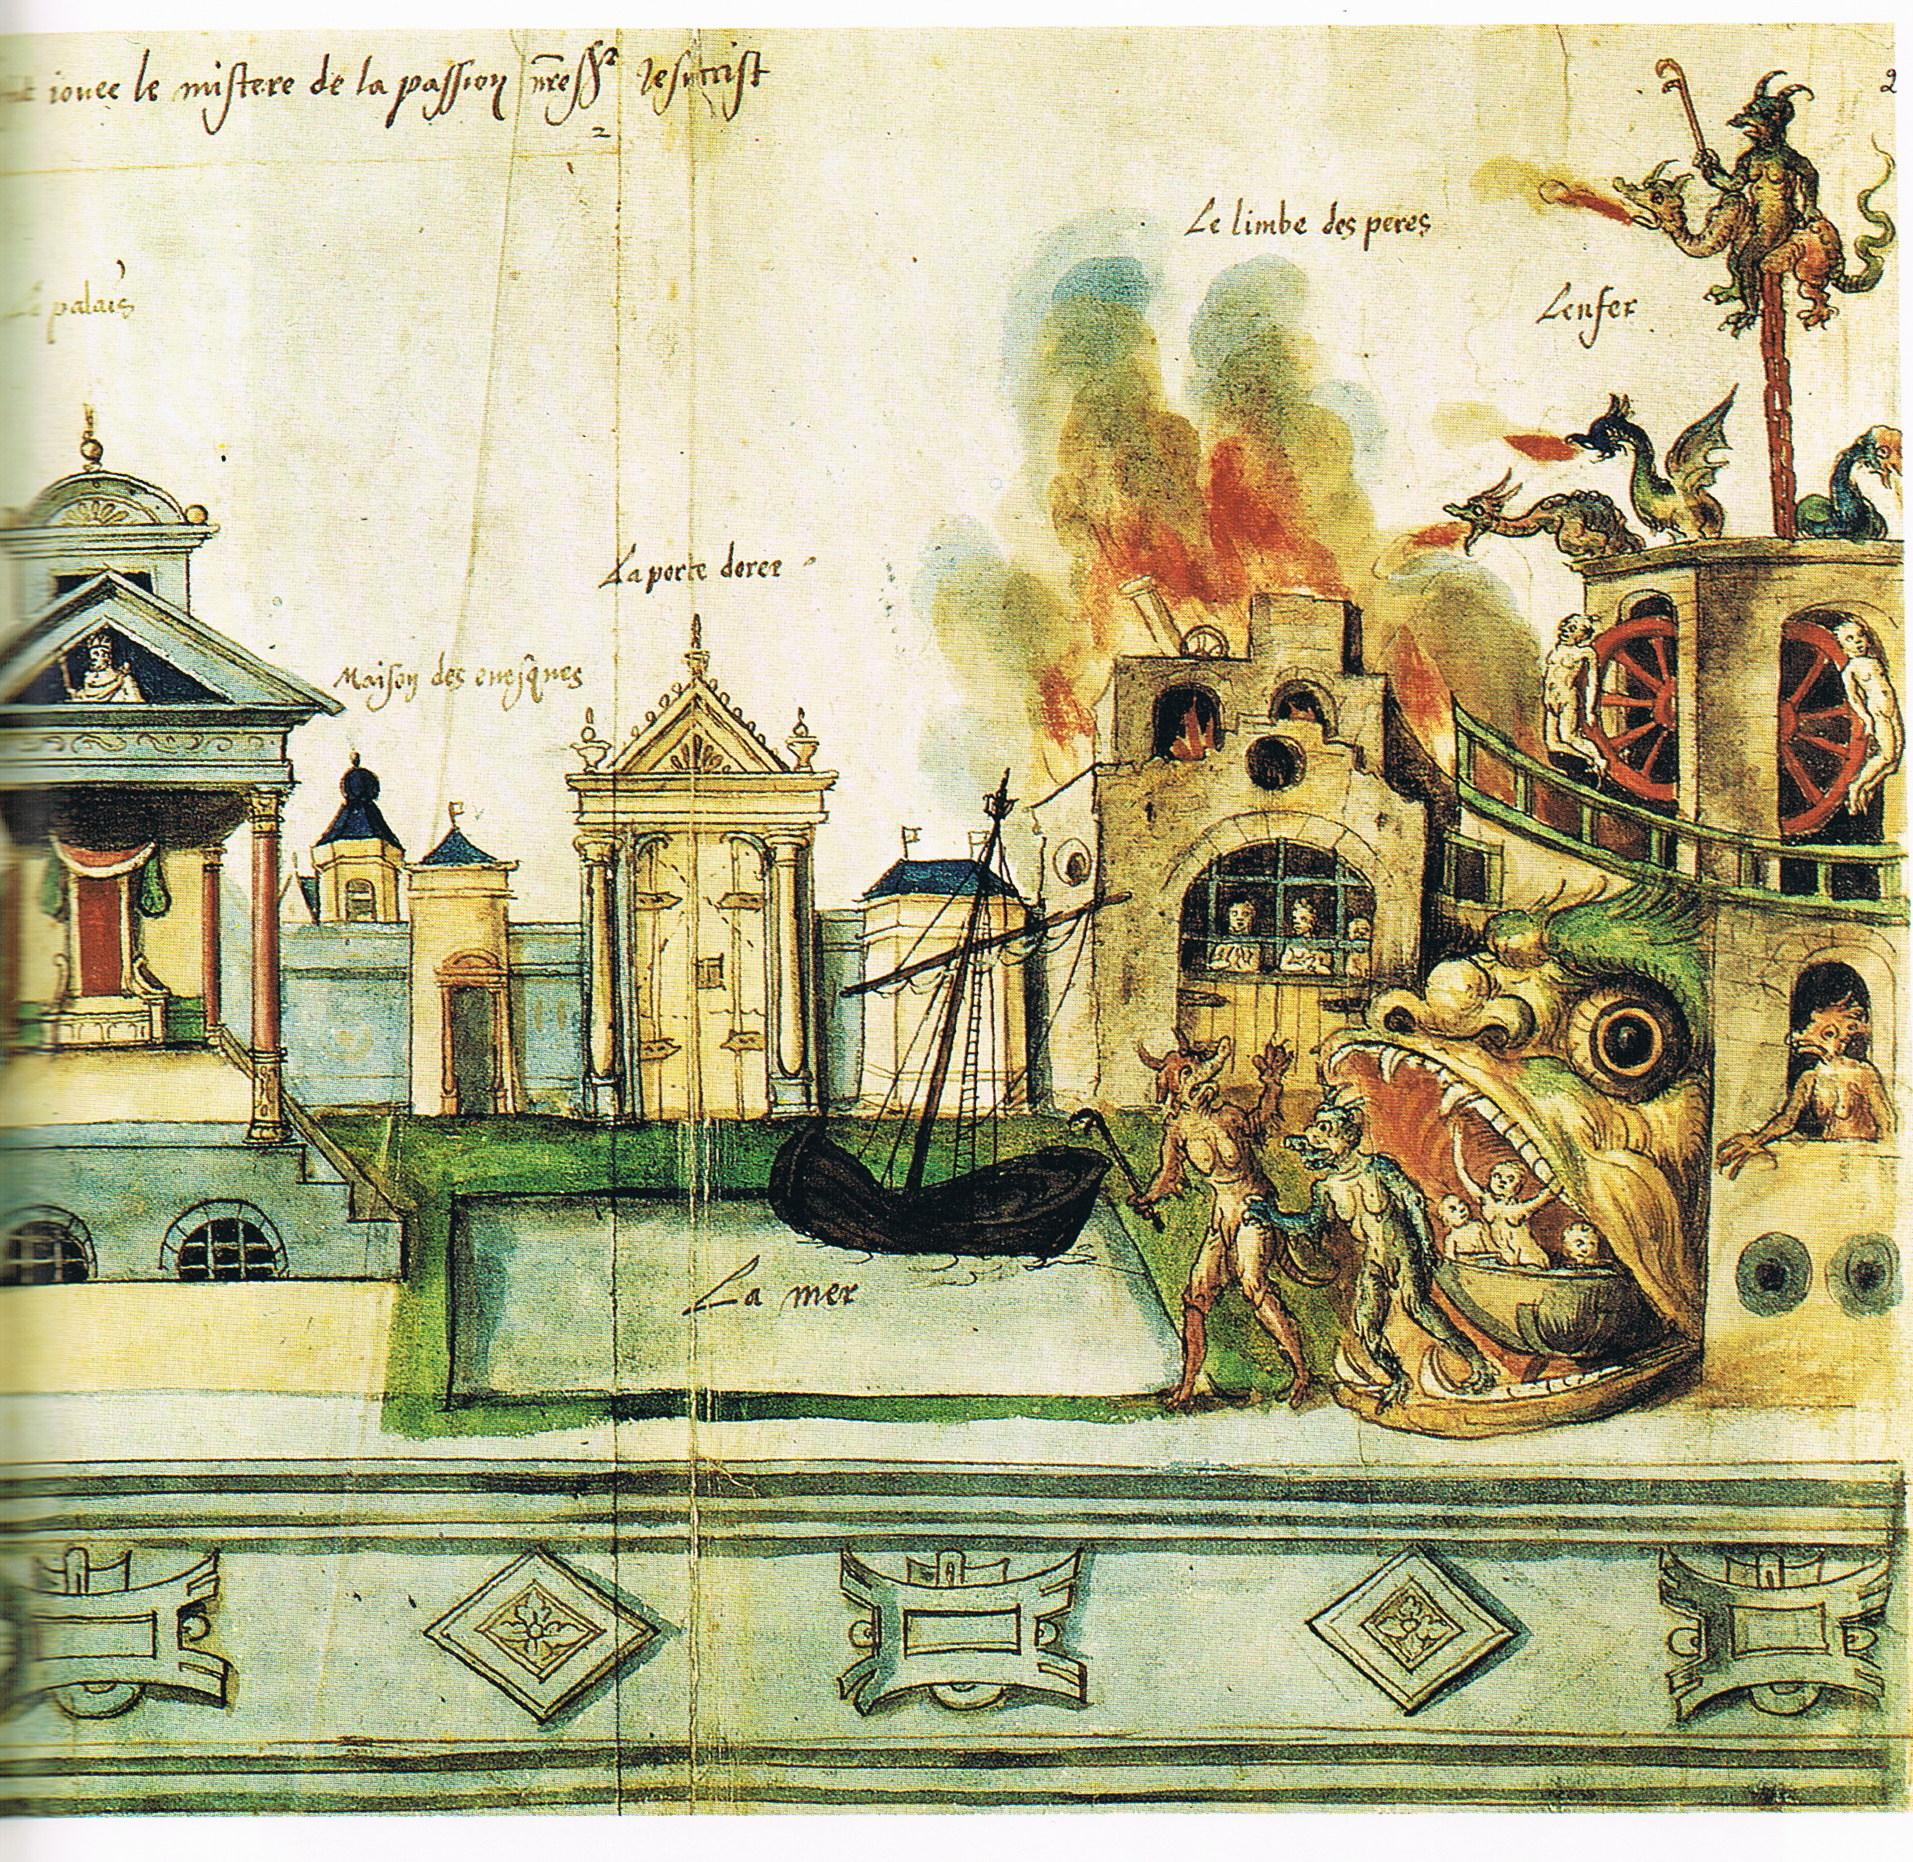 ヴァレンシエンヌ聖史劇の地獄の舞台装置